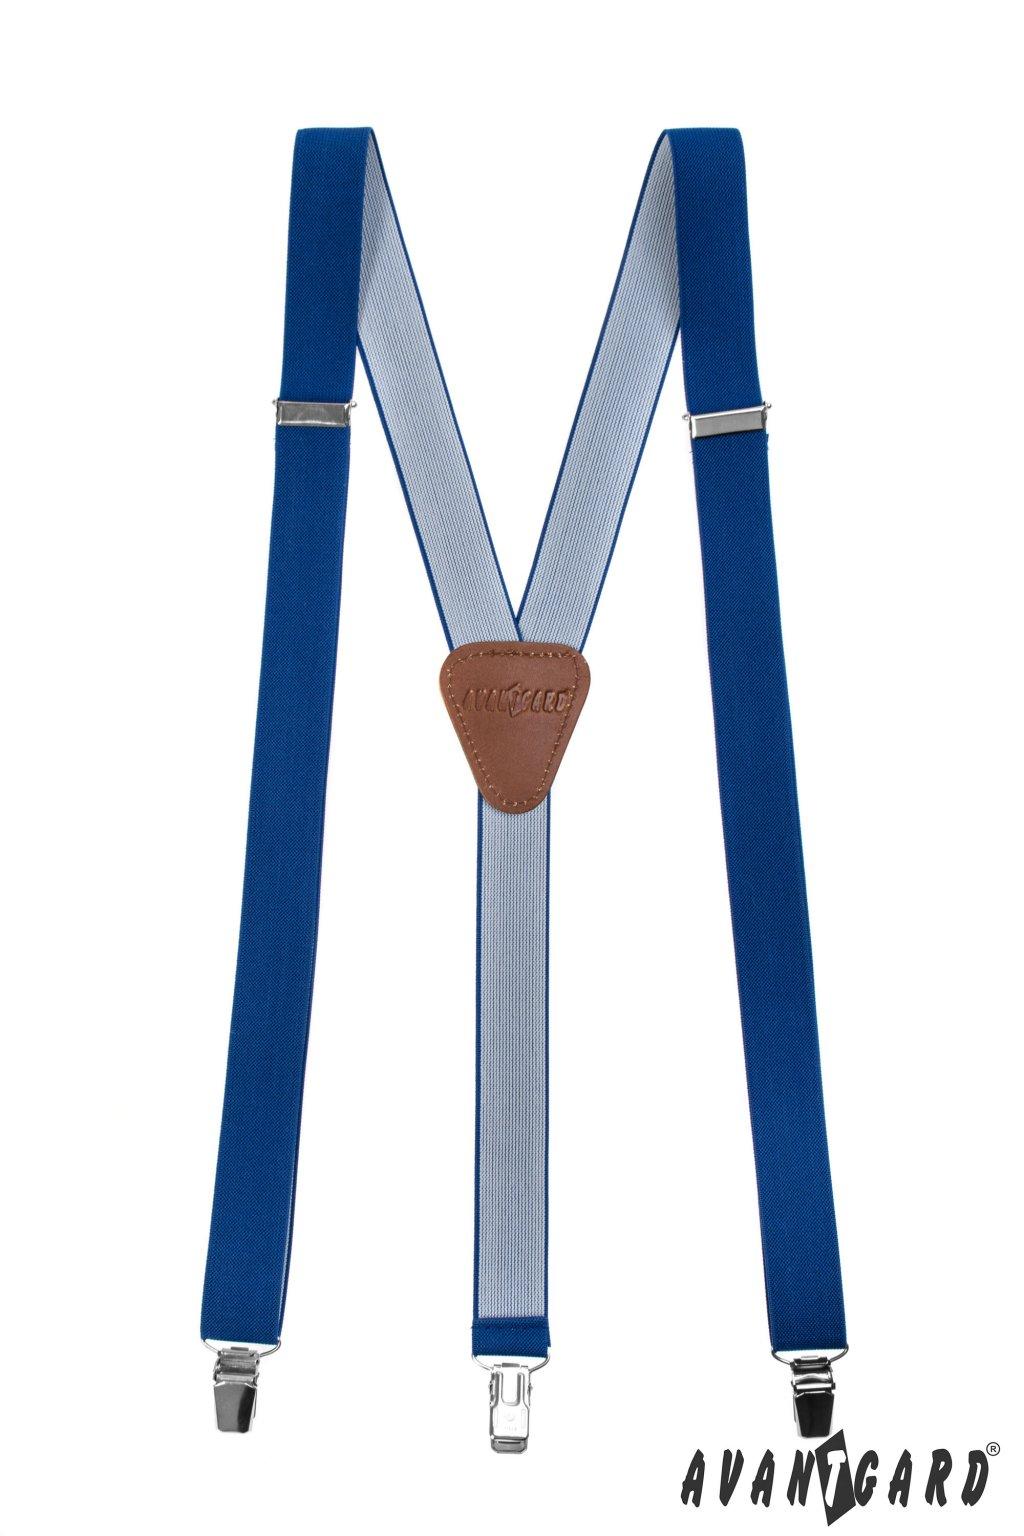 Šle Y s koženým středem a zapínáním na klipy - 25 mm, 867-73563, Královsky modrá, tmavě hnědá kůže